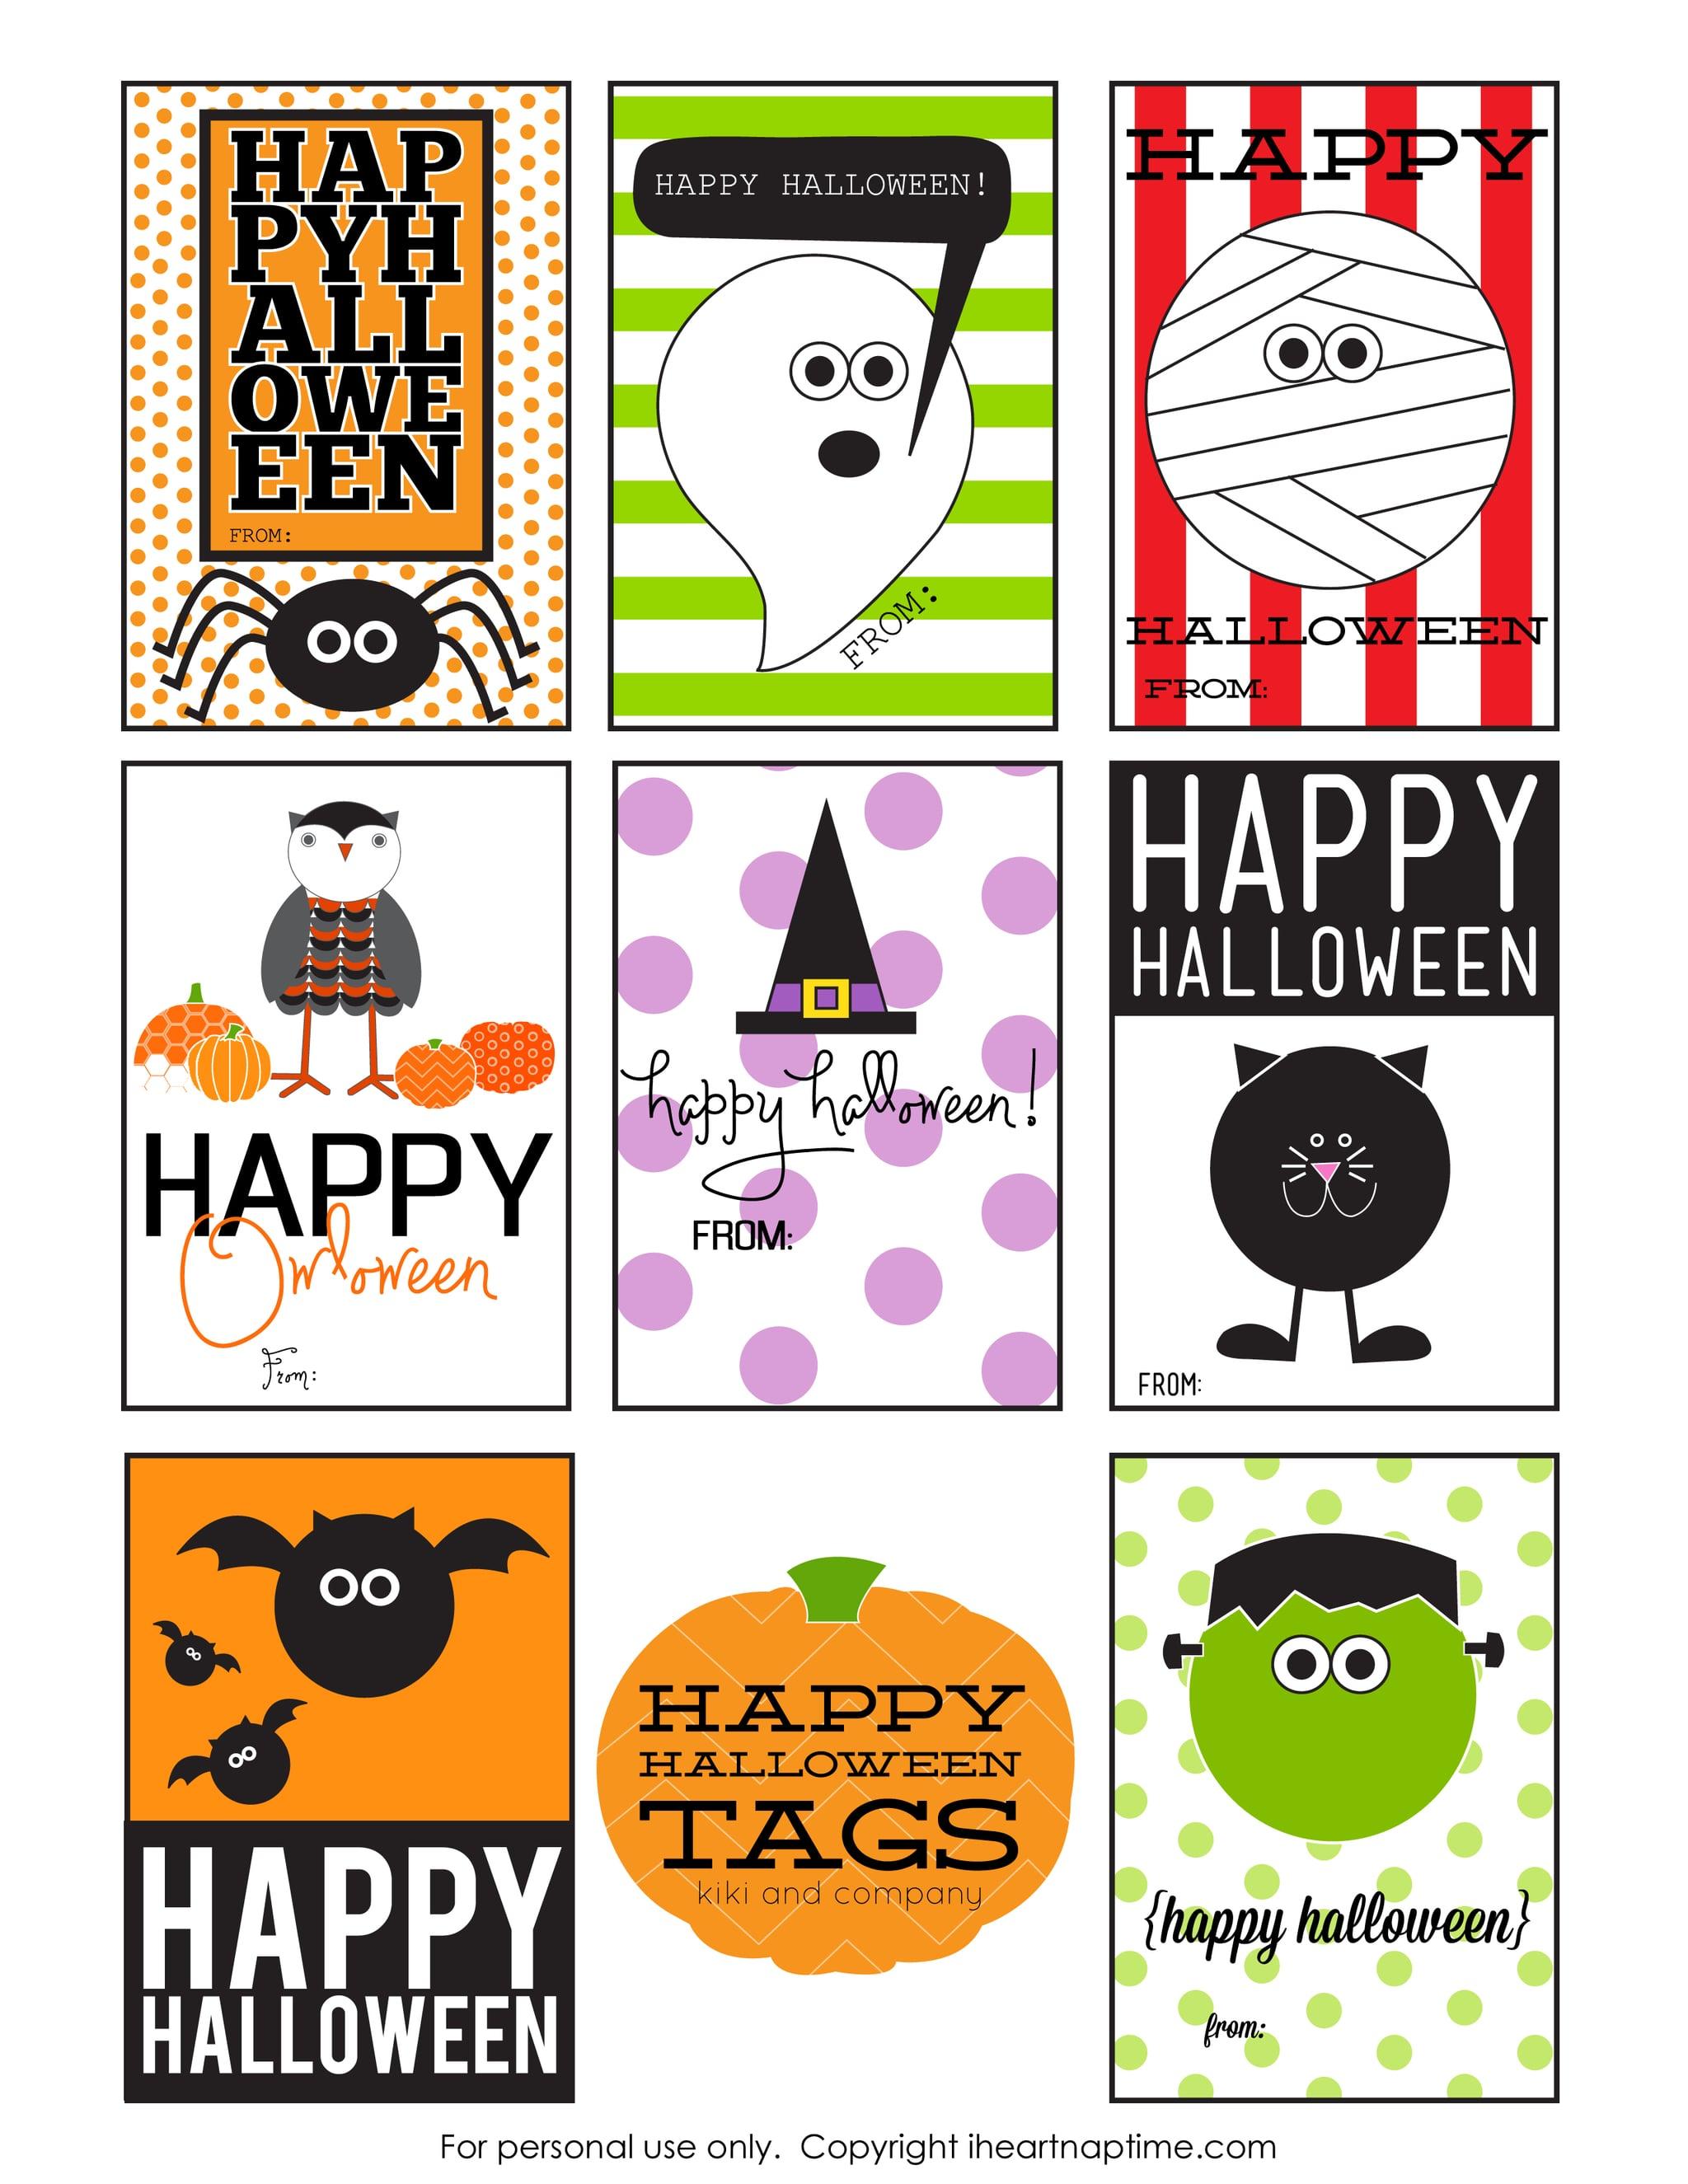 Free Printable Halloween Gift Tags Popsugar Smart Living